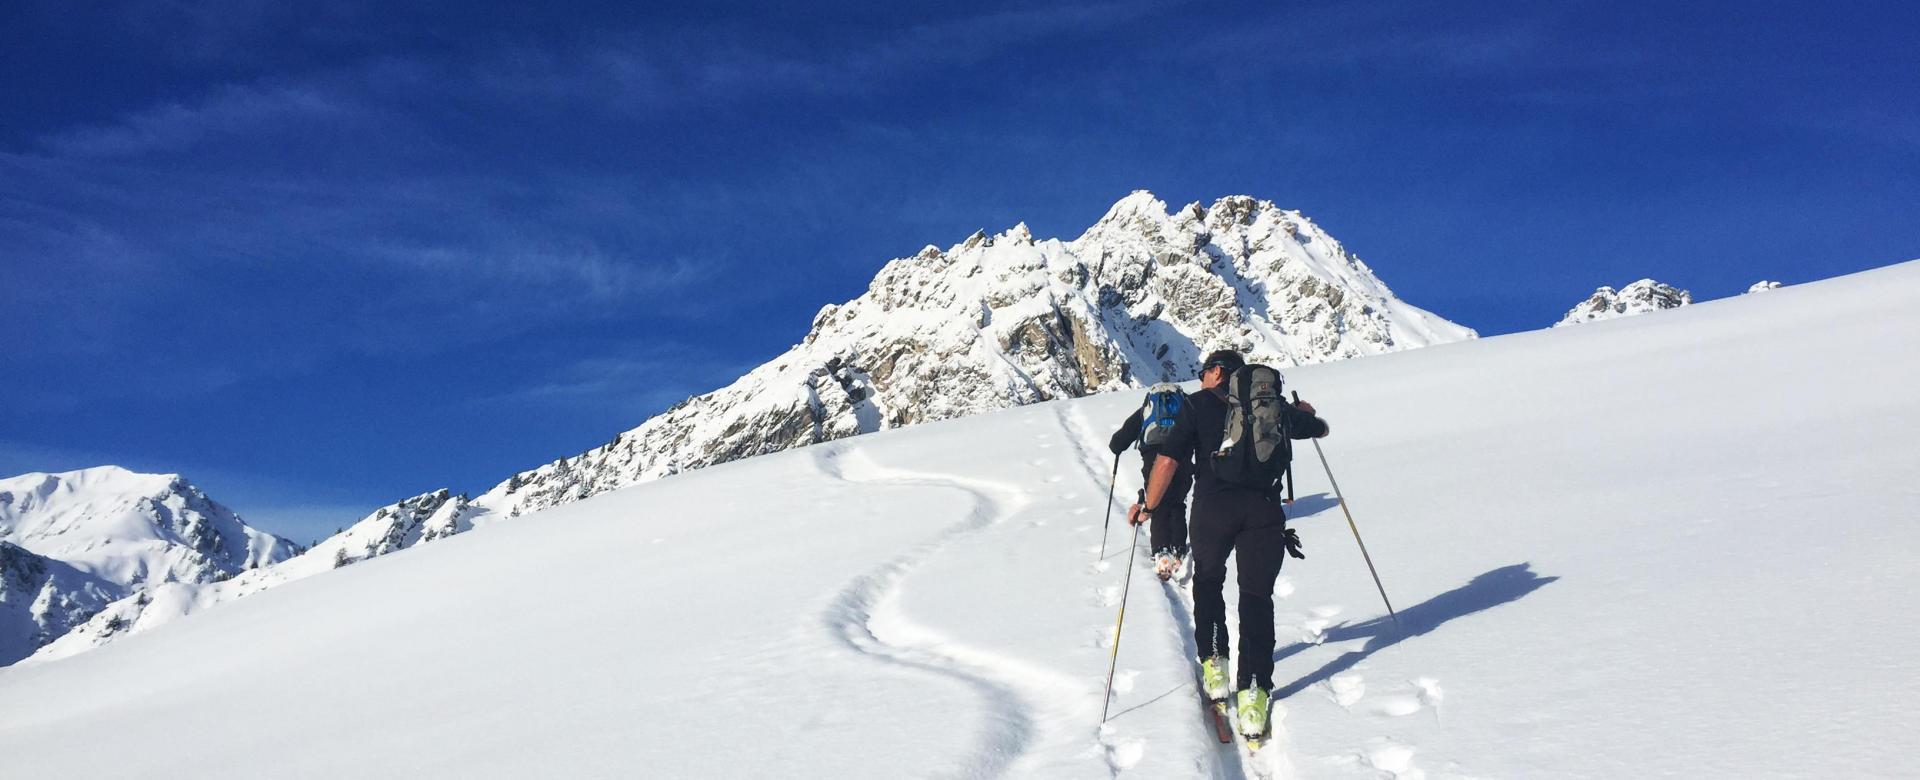 Voyage à la neige : Initiation dans le beaufortain